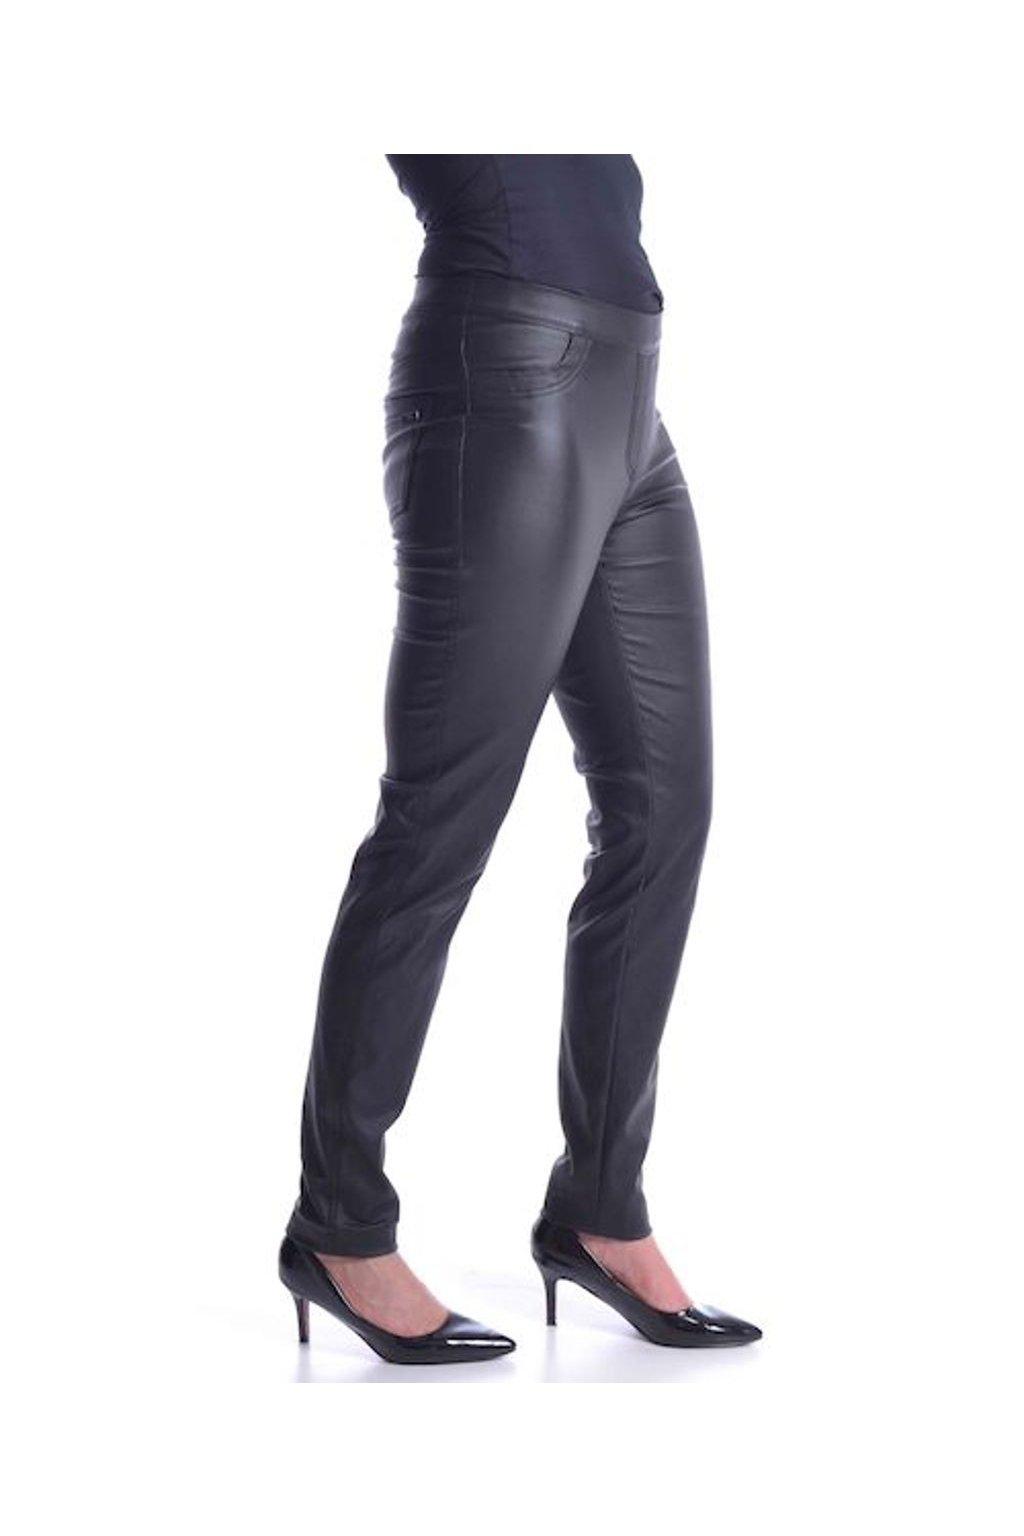 64T Kalhoty koženka (Velikost 36, Barva Černá)